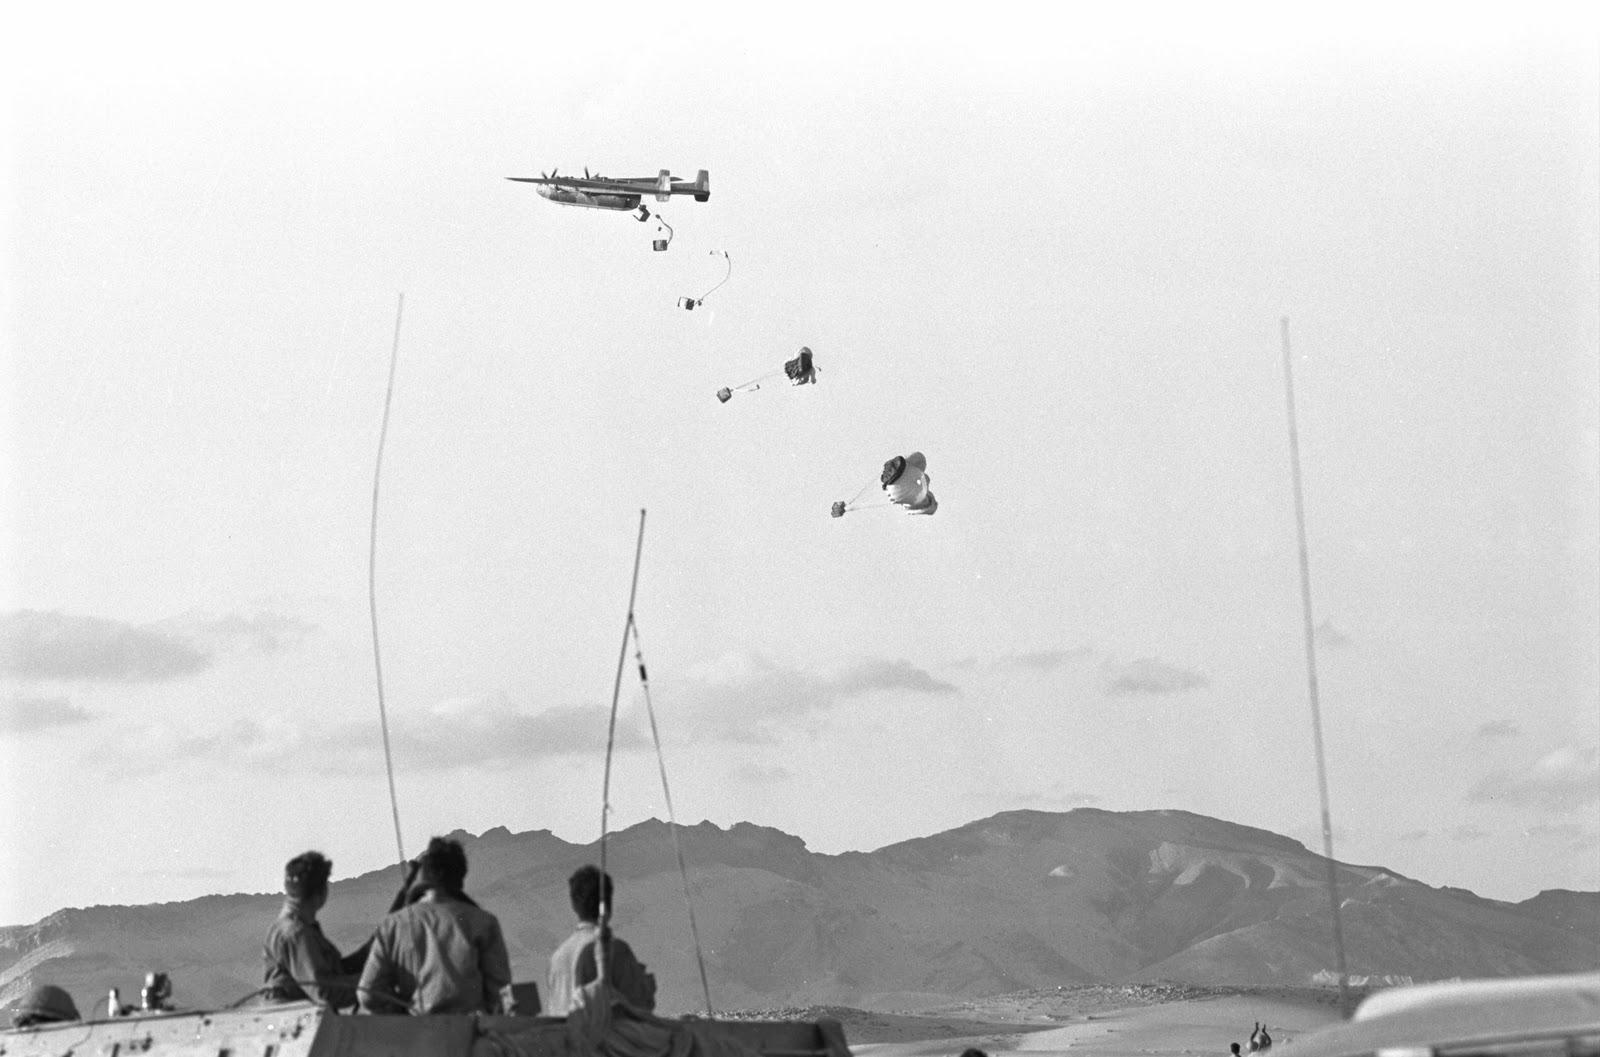 1973. Izraeli teherszállító, ellátmányt dob le a katonáknak az egyiptomi határon..jpg